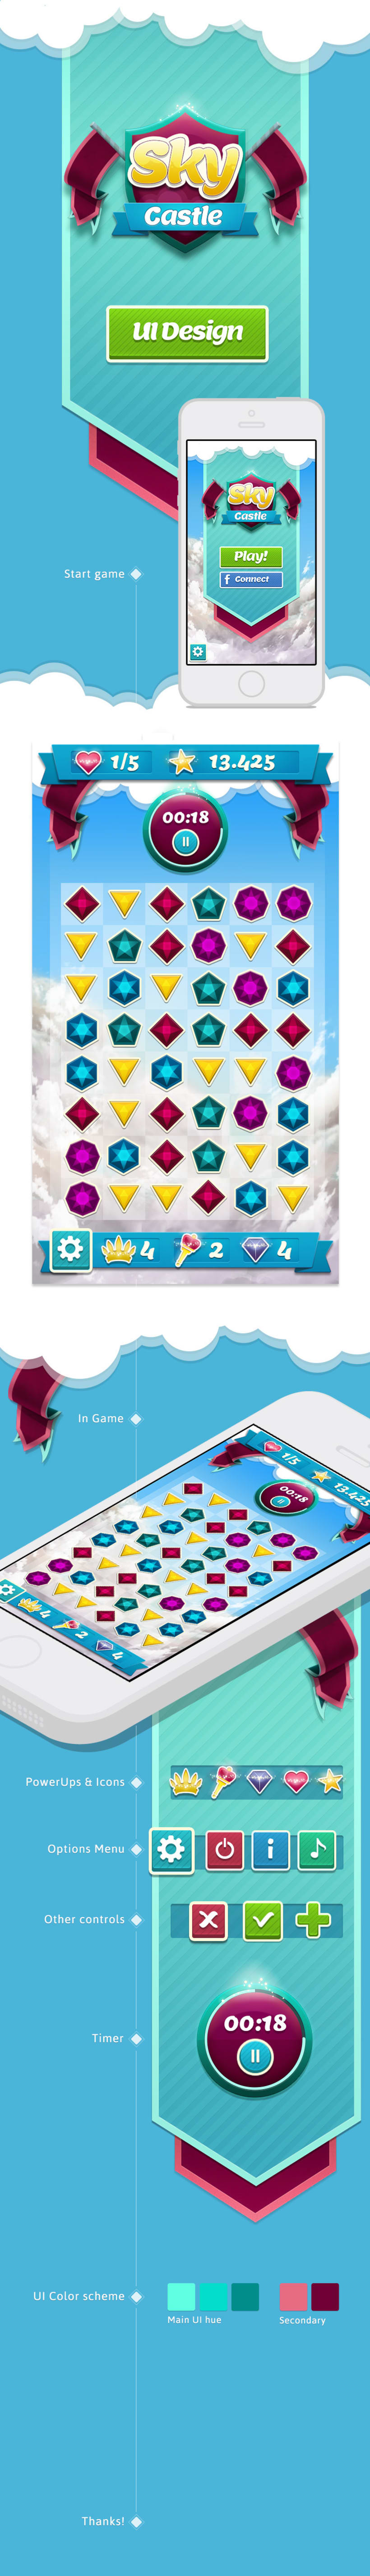 Sky Castle - Game UI Design 0